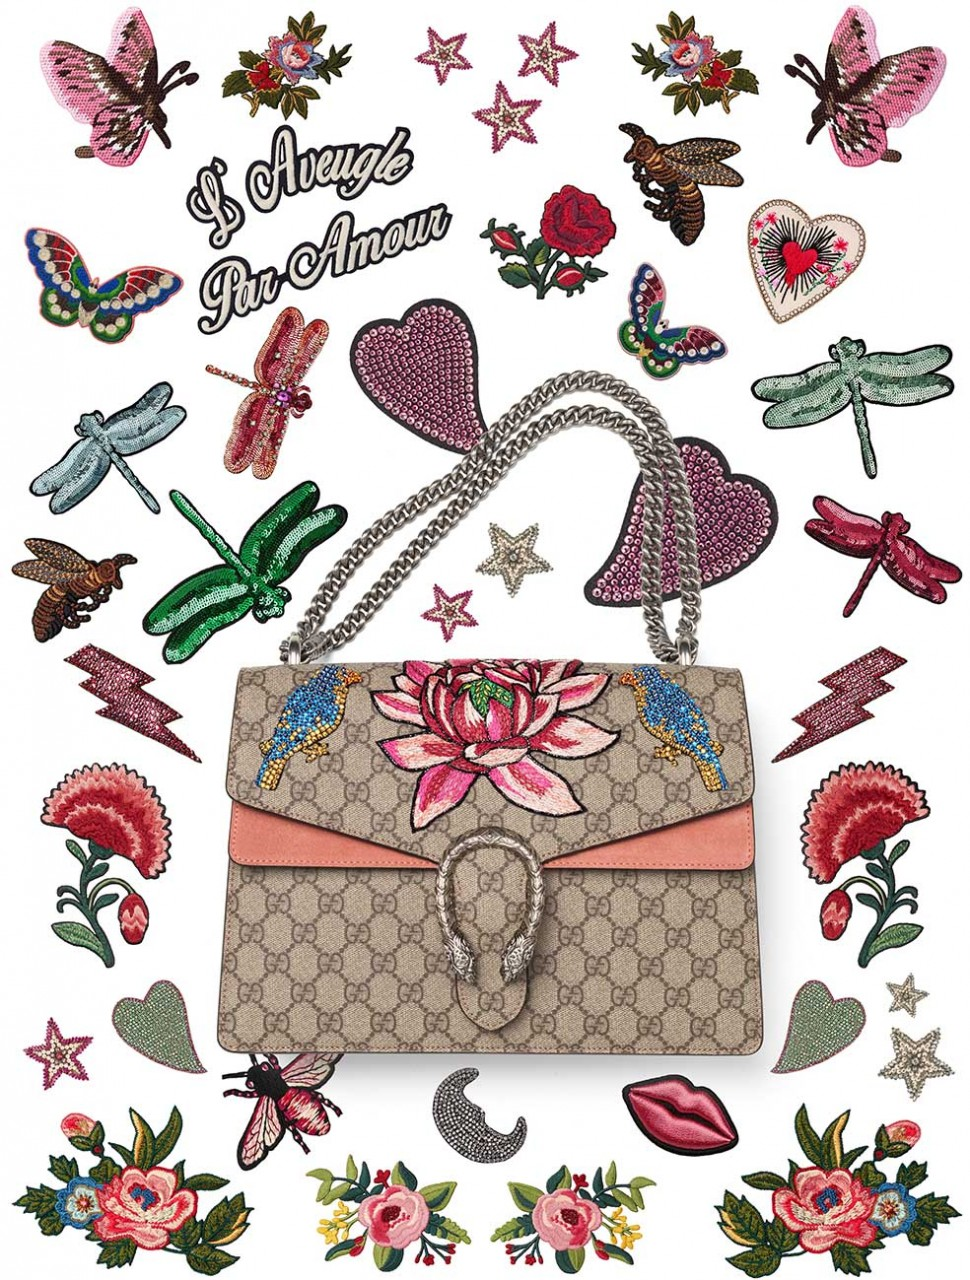 Gucci clipart Gucci Bag Clipart